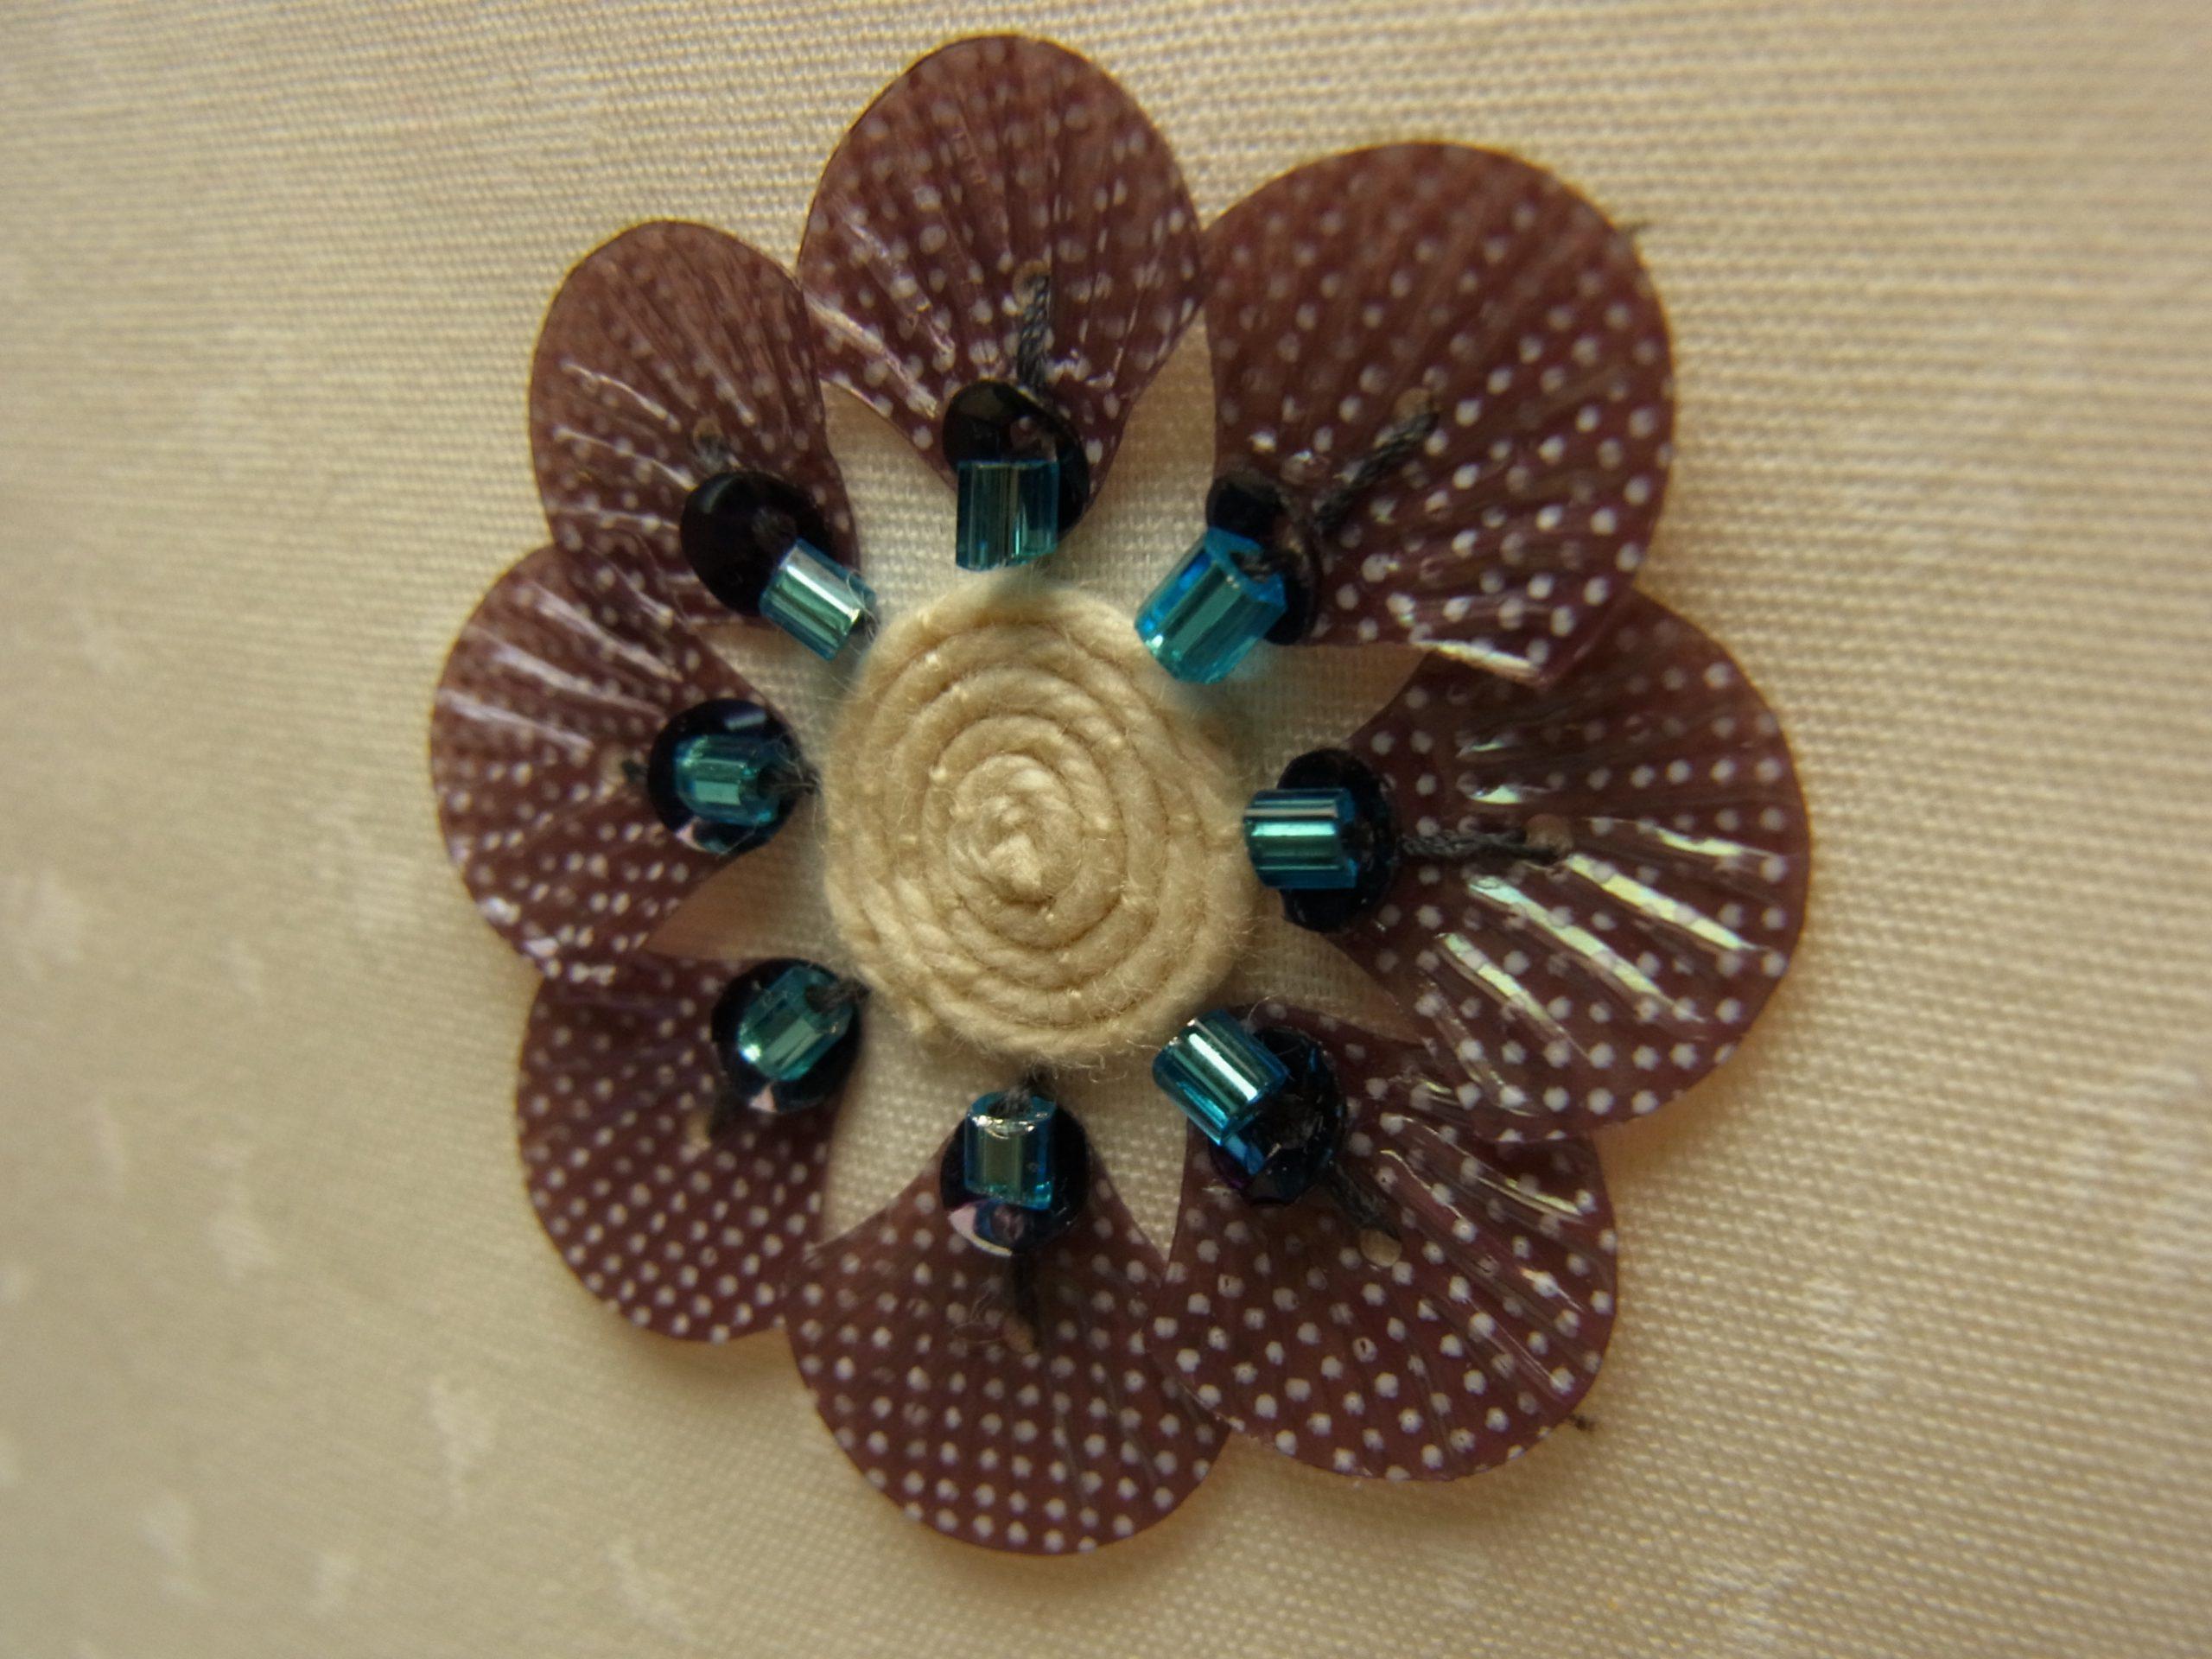 紐のグルグル巻きが中心にあります。花びらは、貝殻の形をしています。